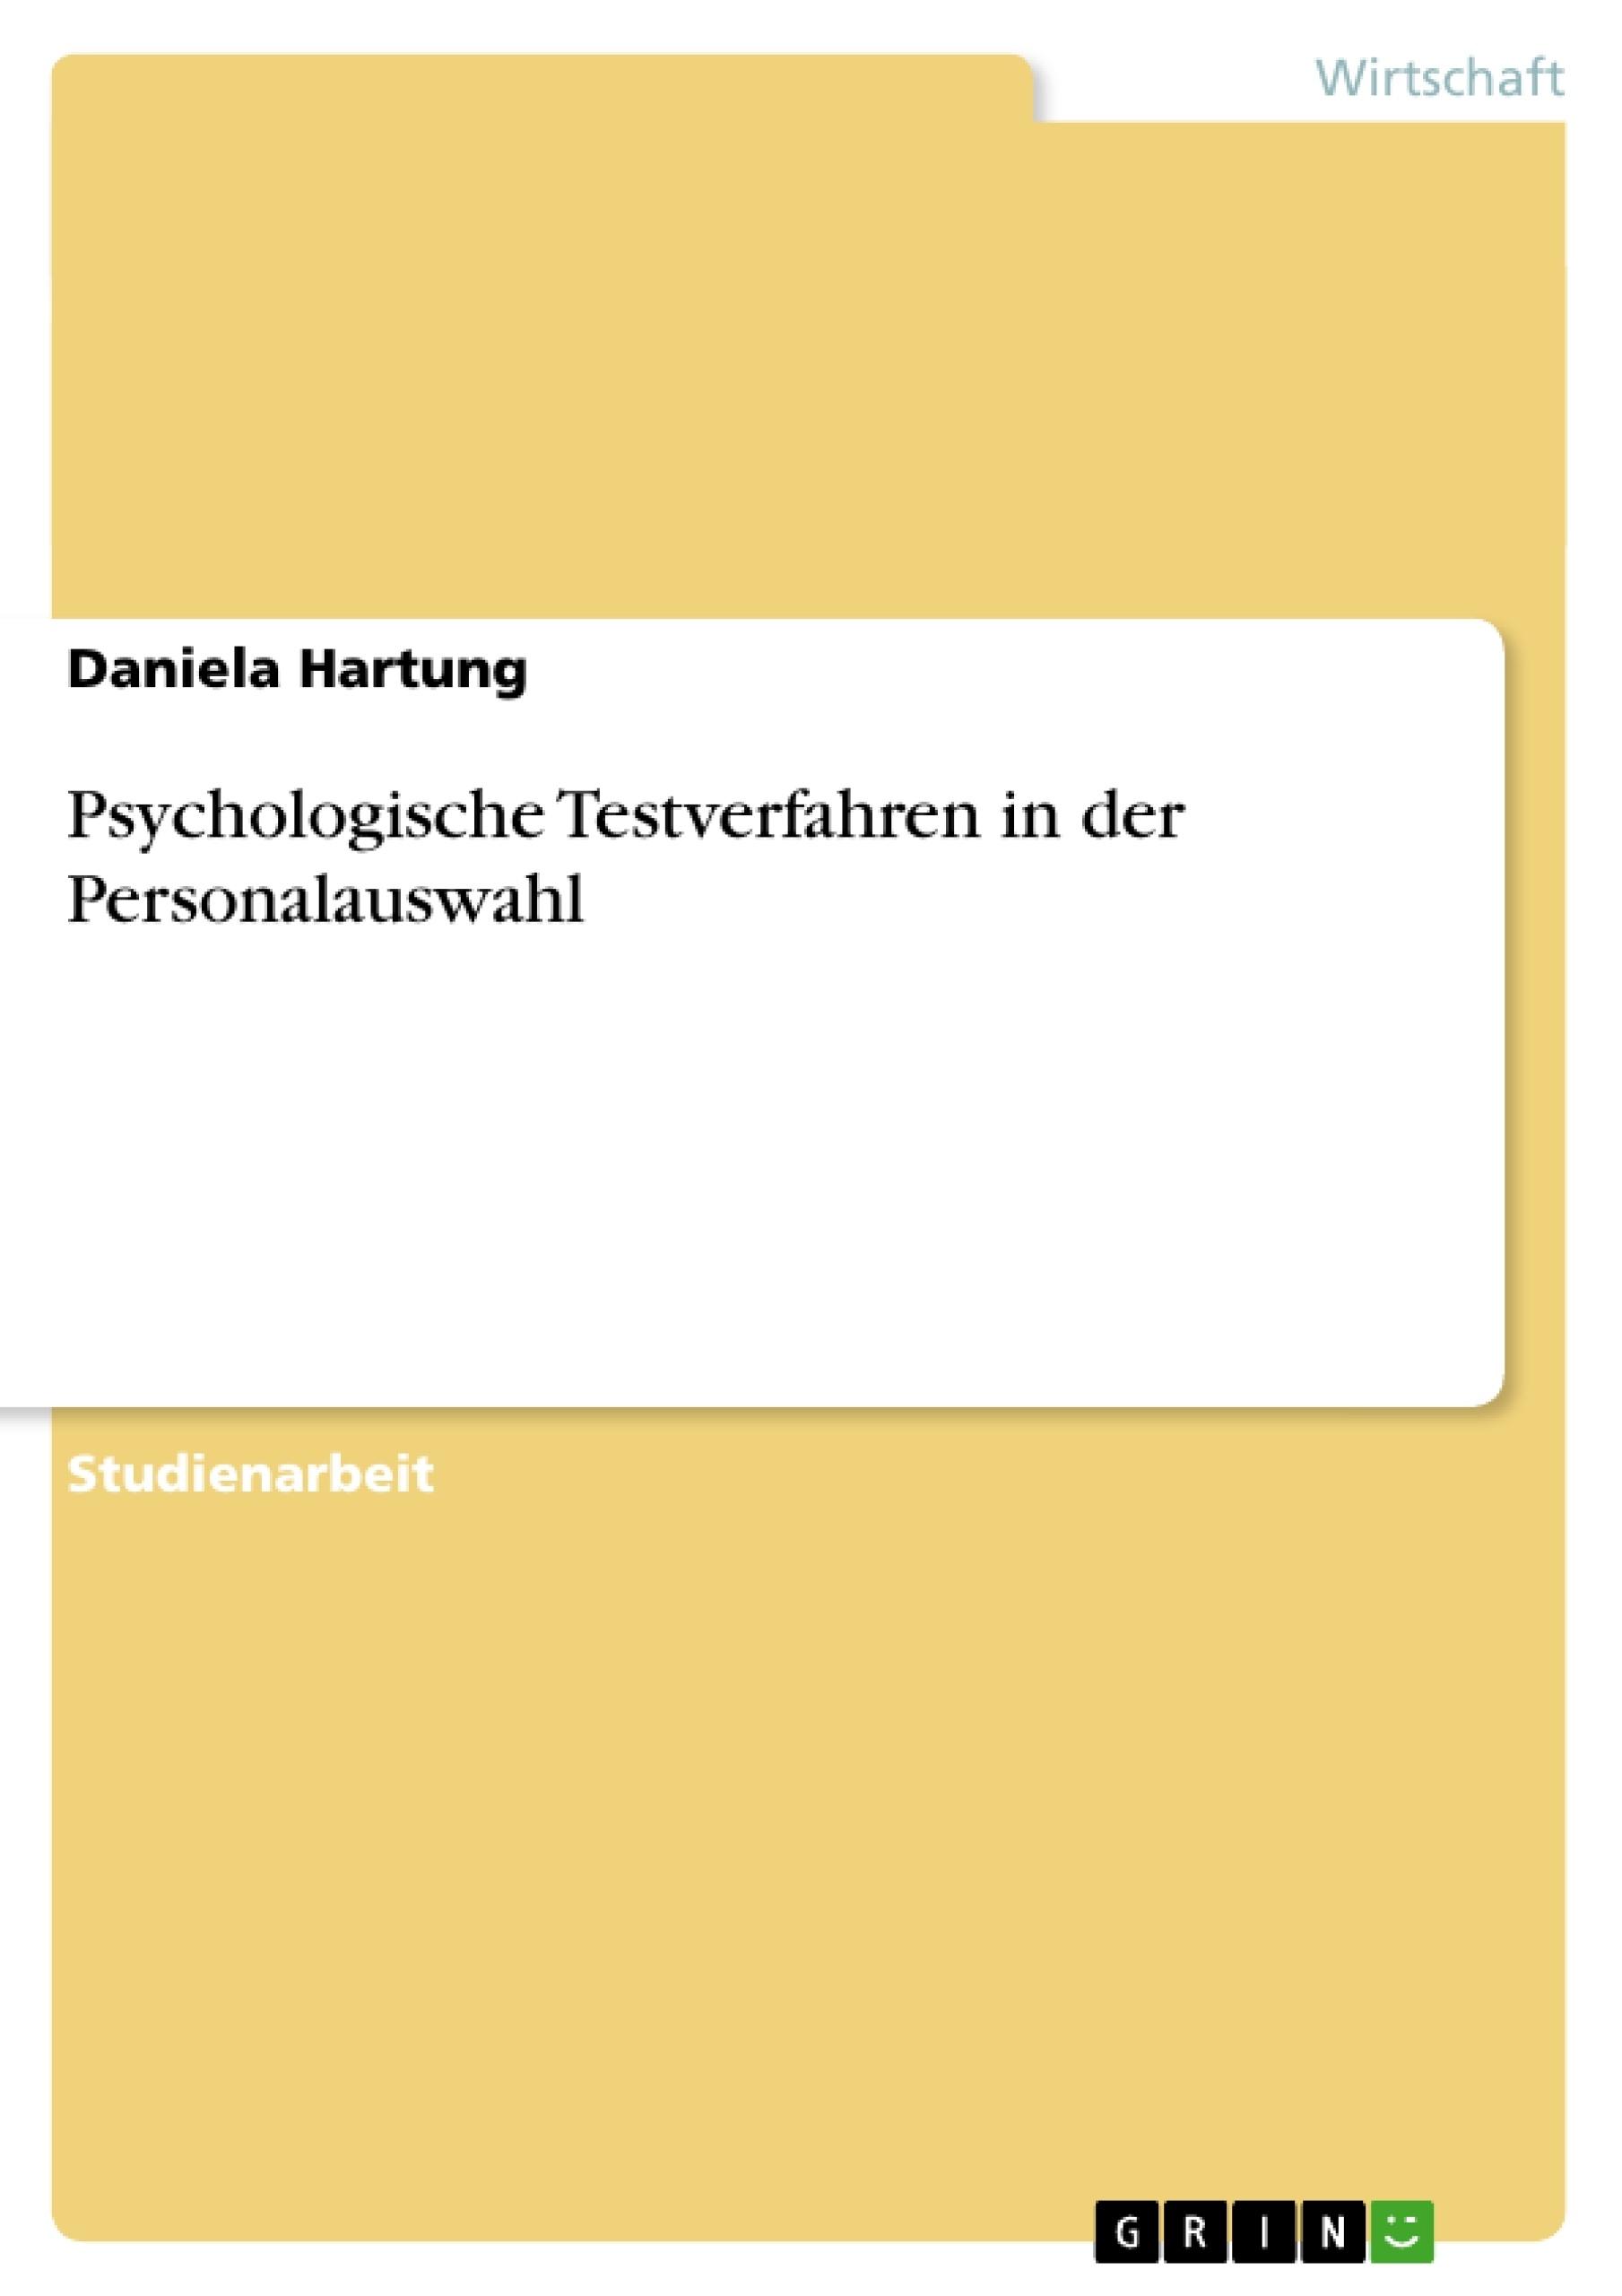 Titel: Psychologische Testverfahren in der Personalauswahl